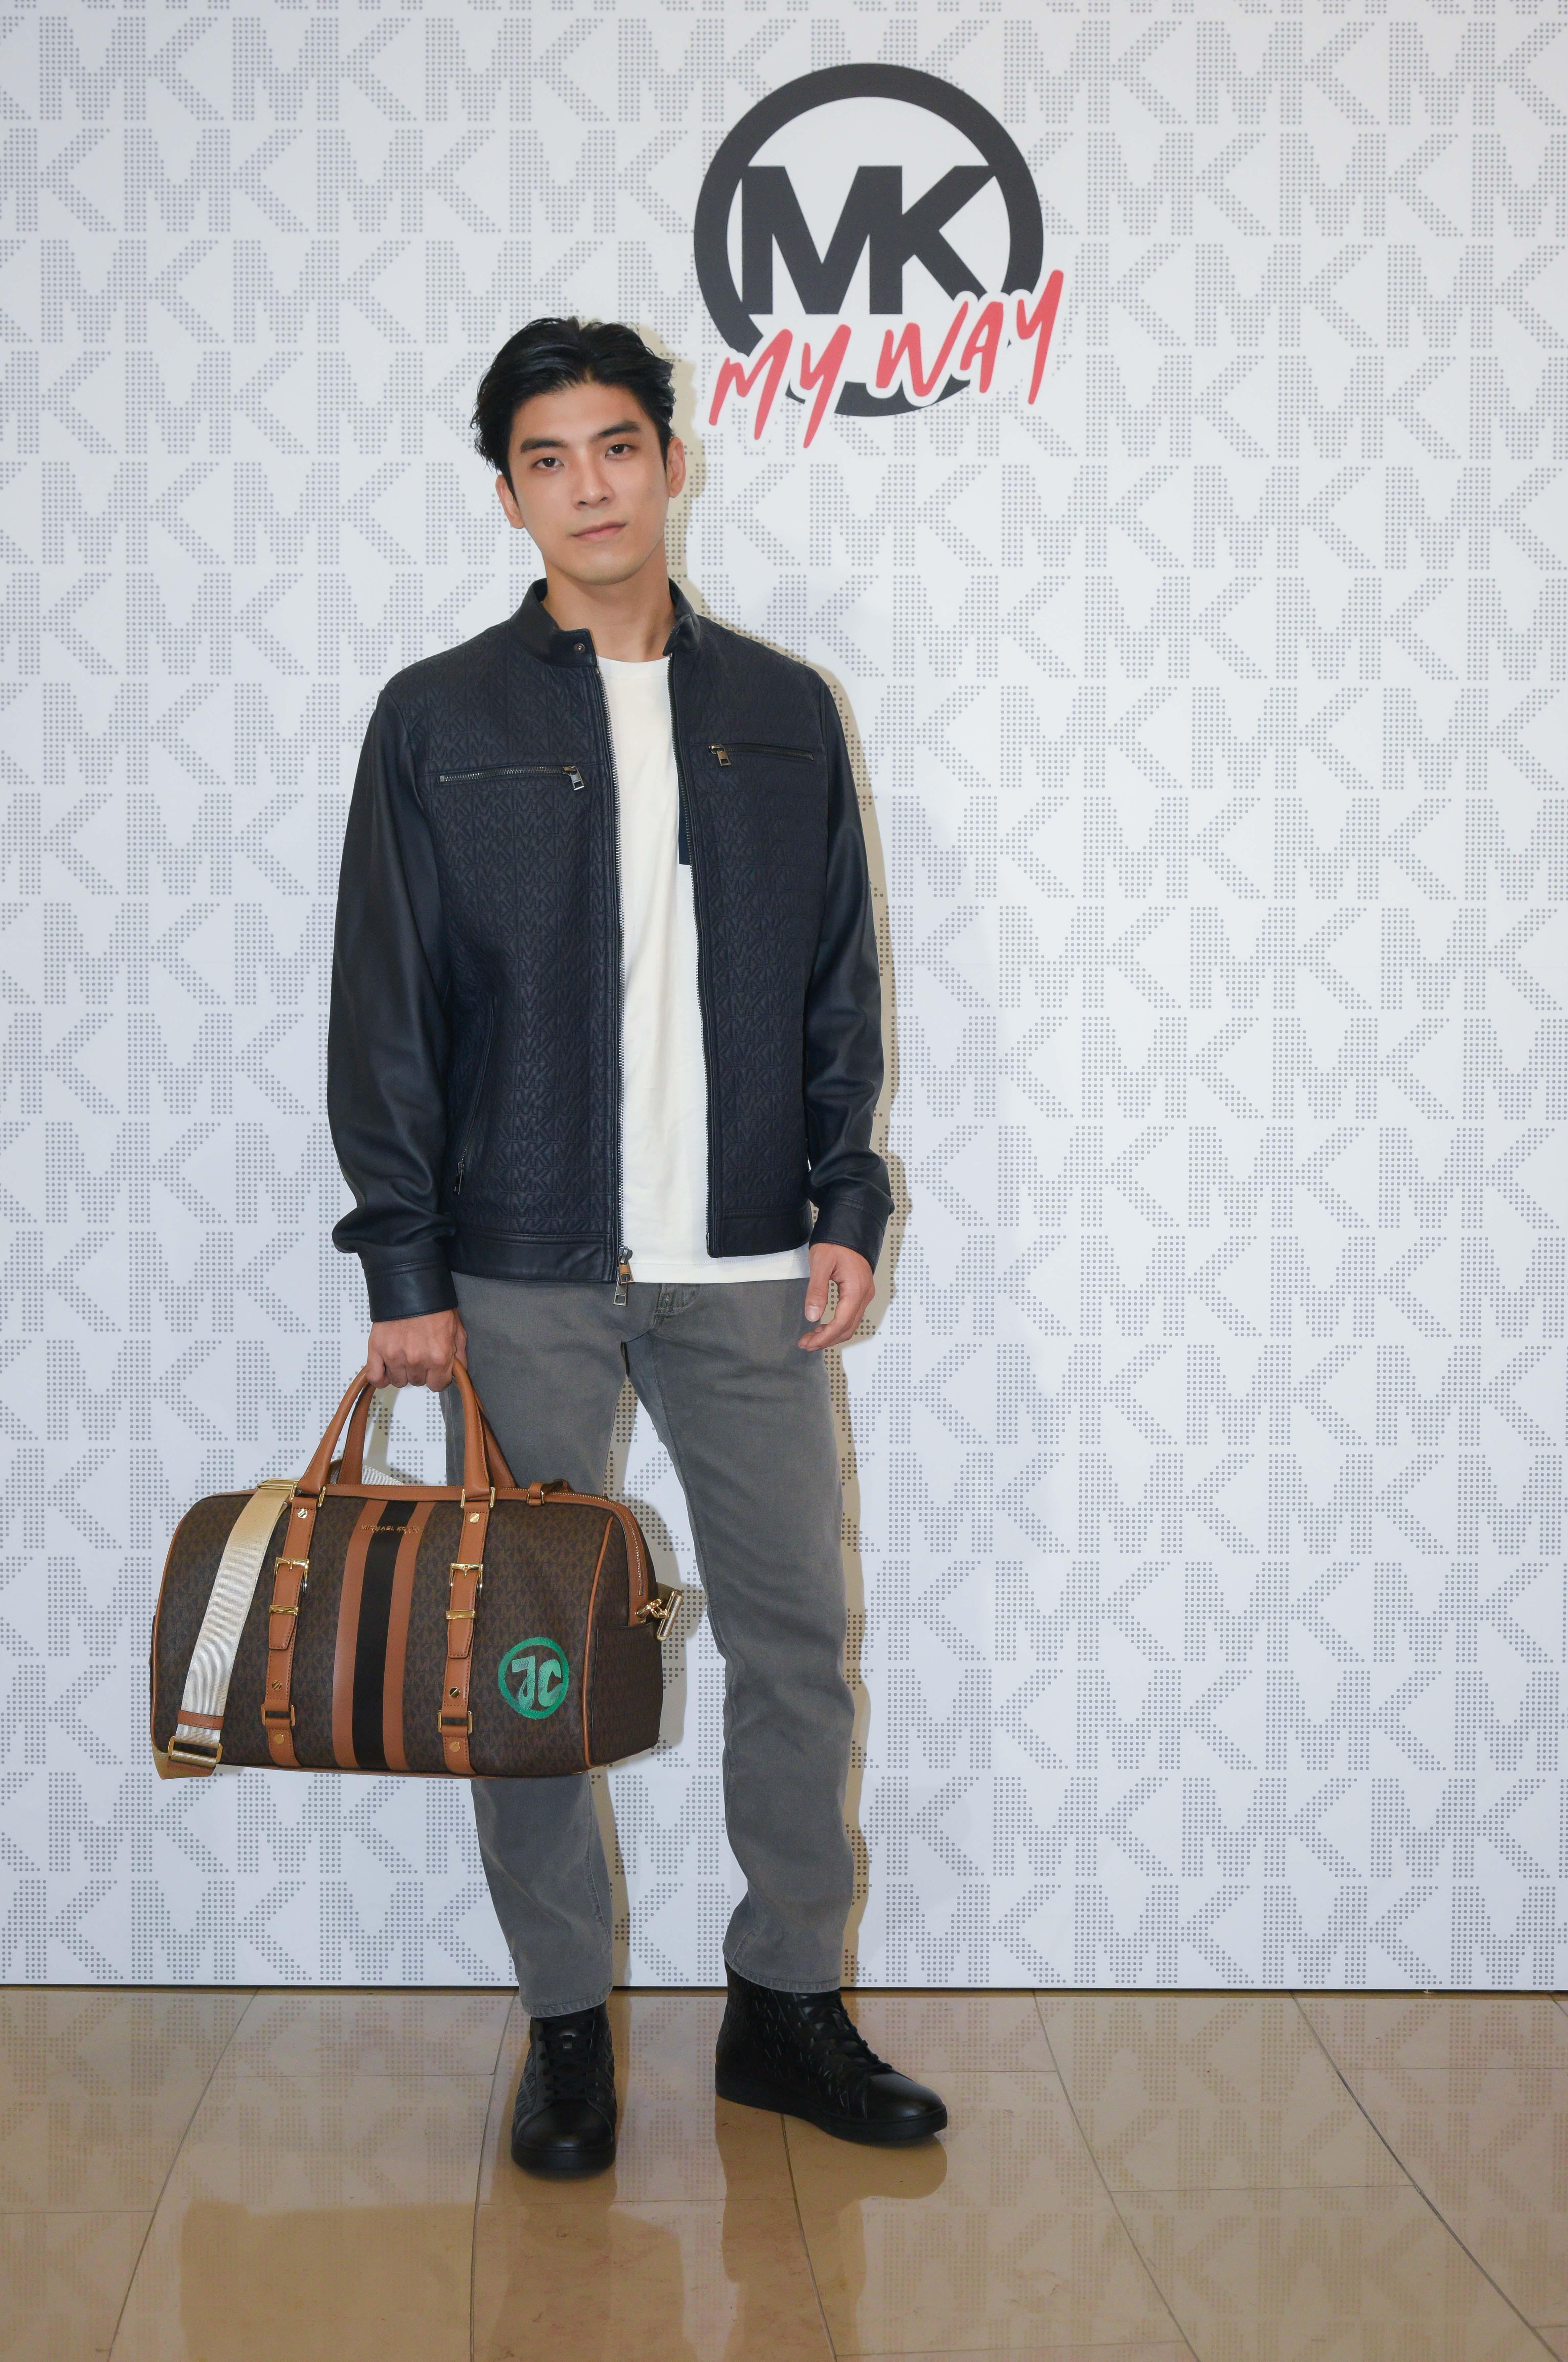 林哲熹則以白色Logo T-shirt搭配深藍色壓紋皮衣、灰黑色丹寧長褲及黑色皮革休閒鞋,傳達品牌自我表述的時尚概念